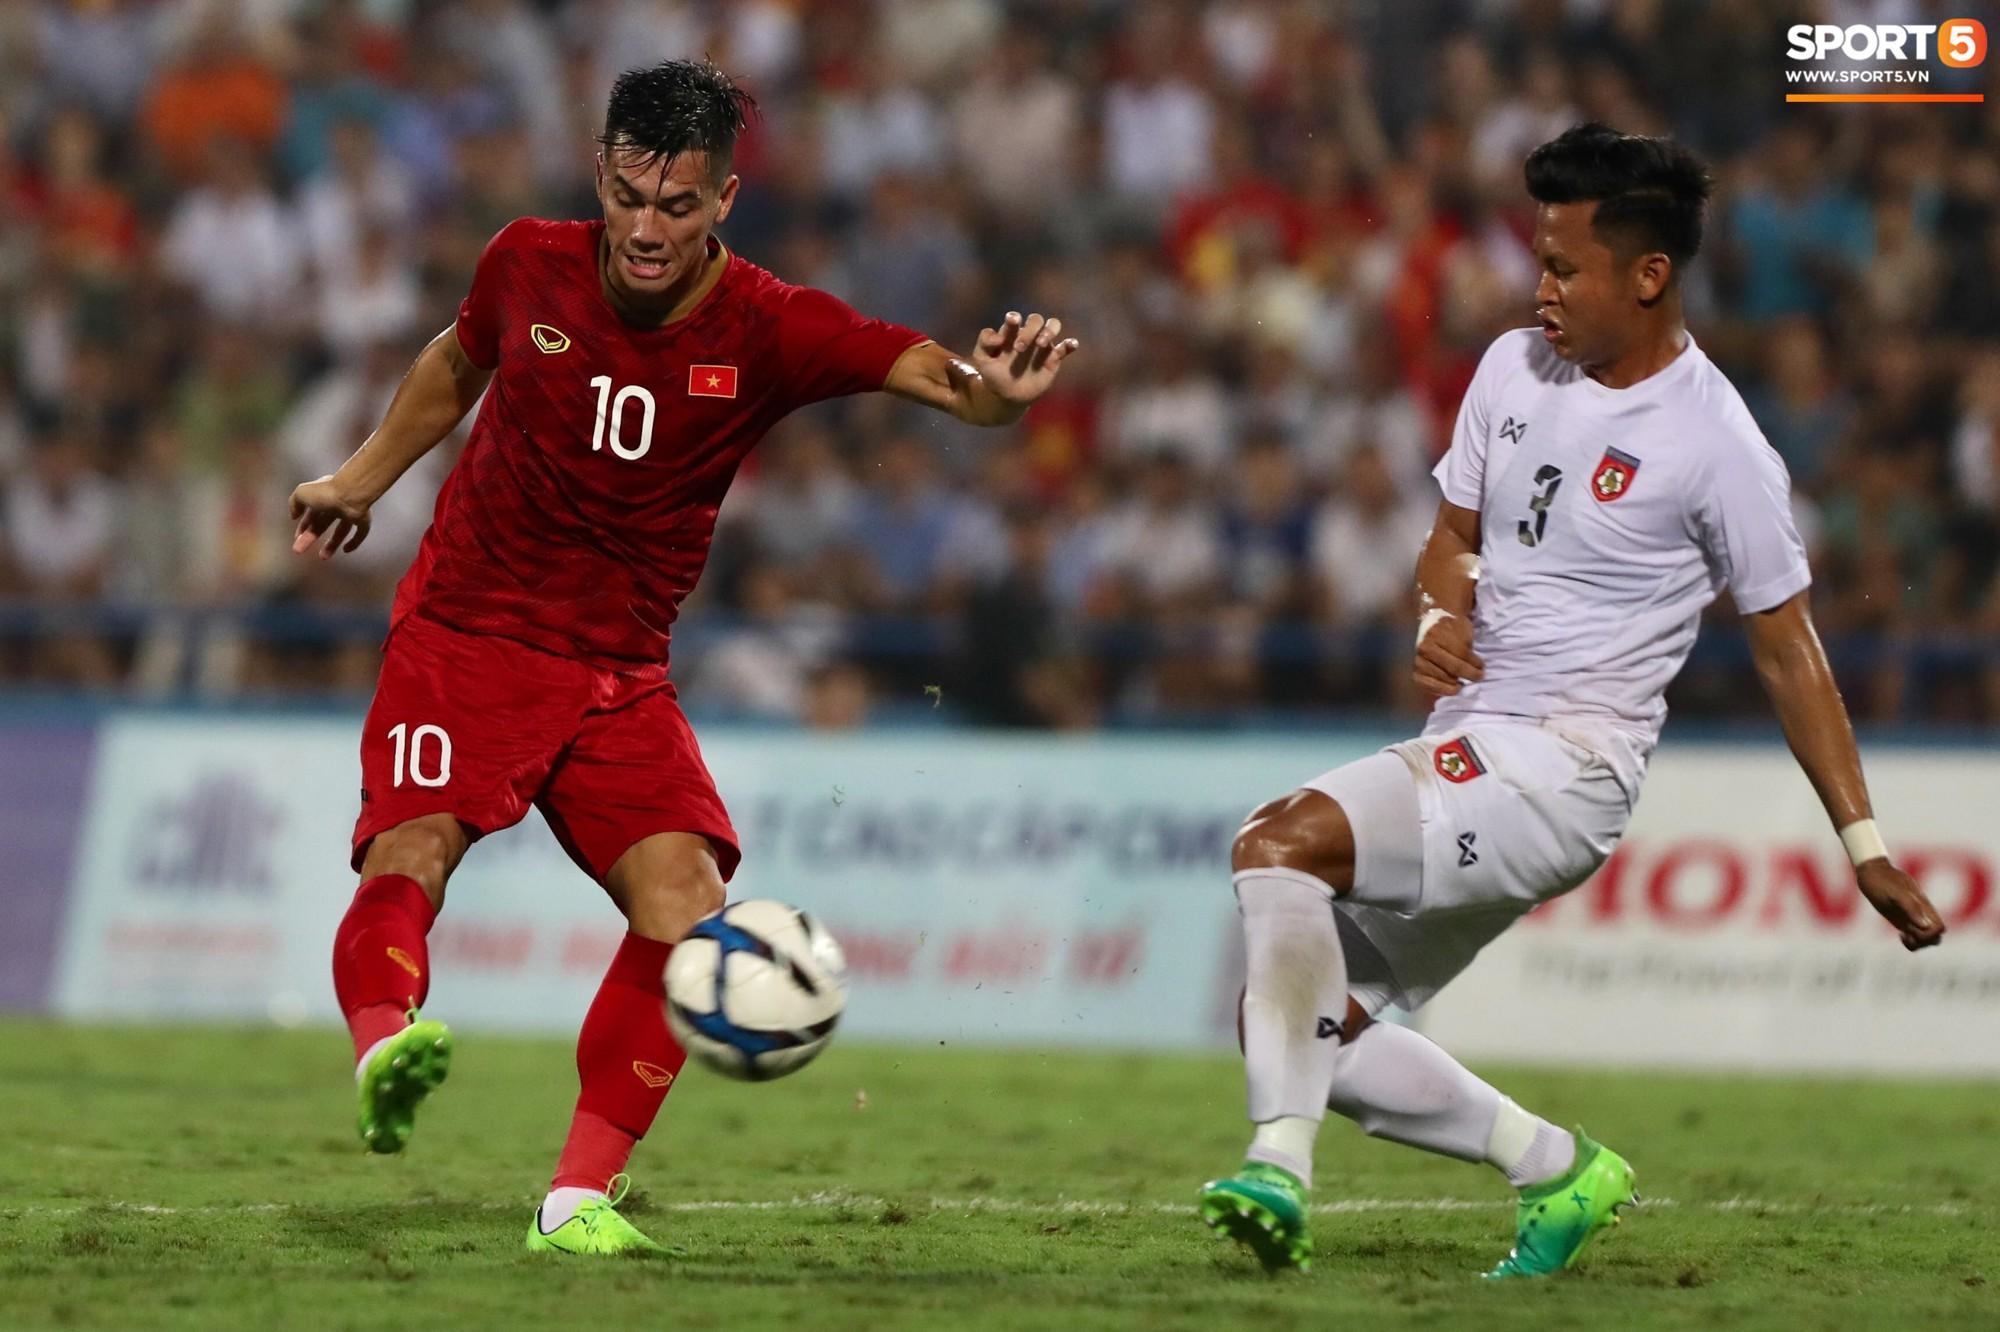 Hình ảnh cảm động: U23 Việt Nam đội mưa đi khắp khán đài cảm ơn người hâm mộ sau trận thắng U23 Myanmar - Ảnh 1.